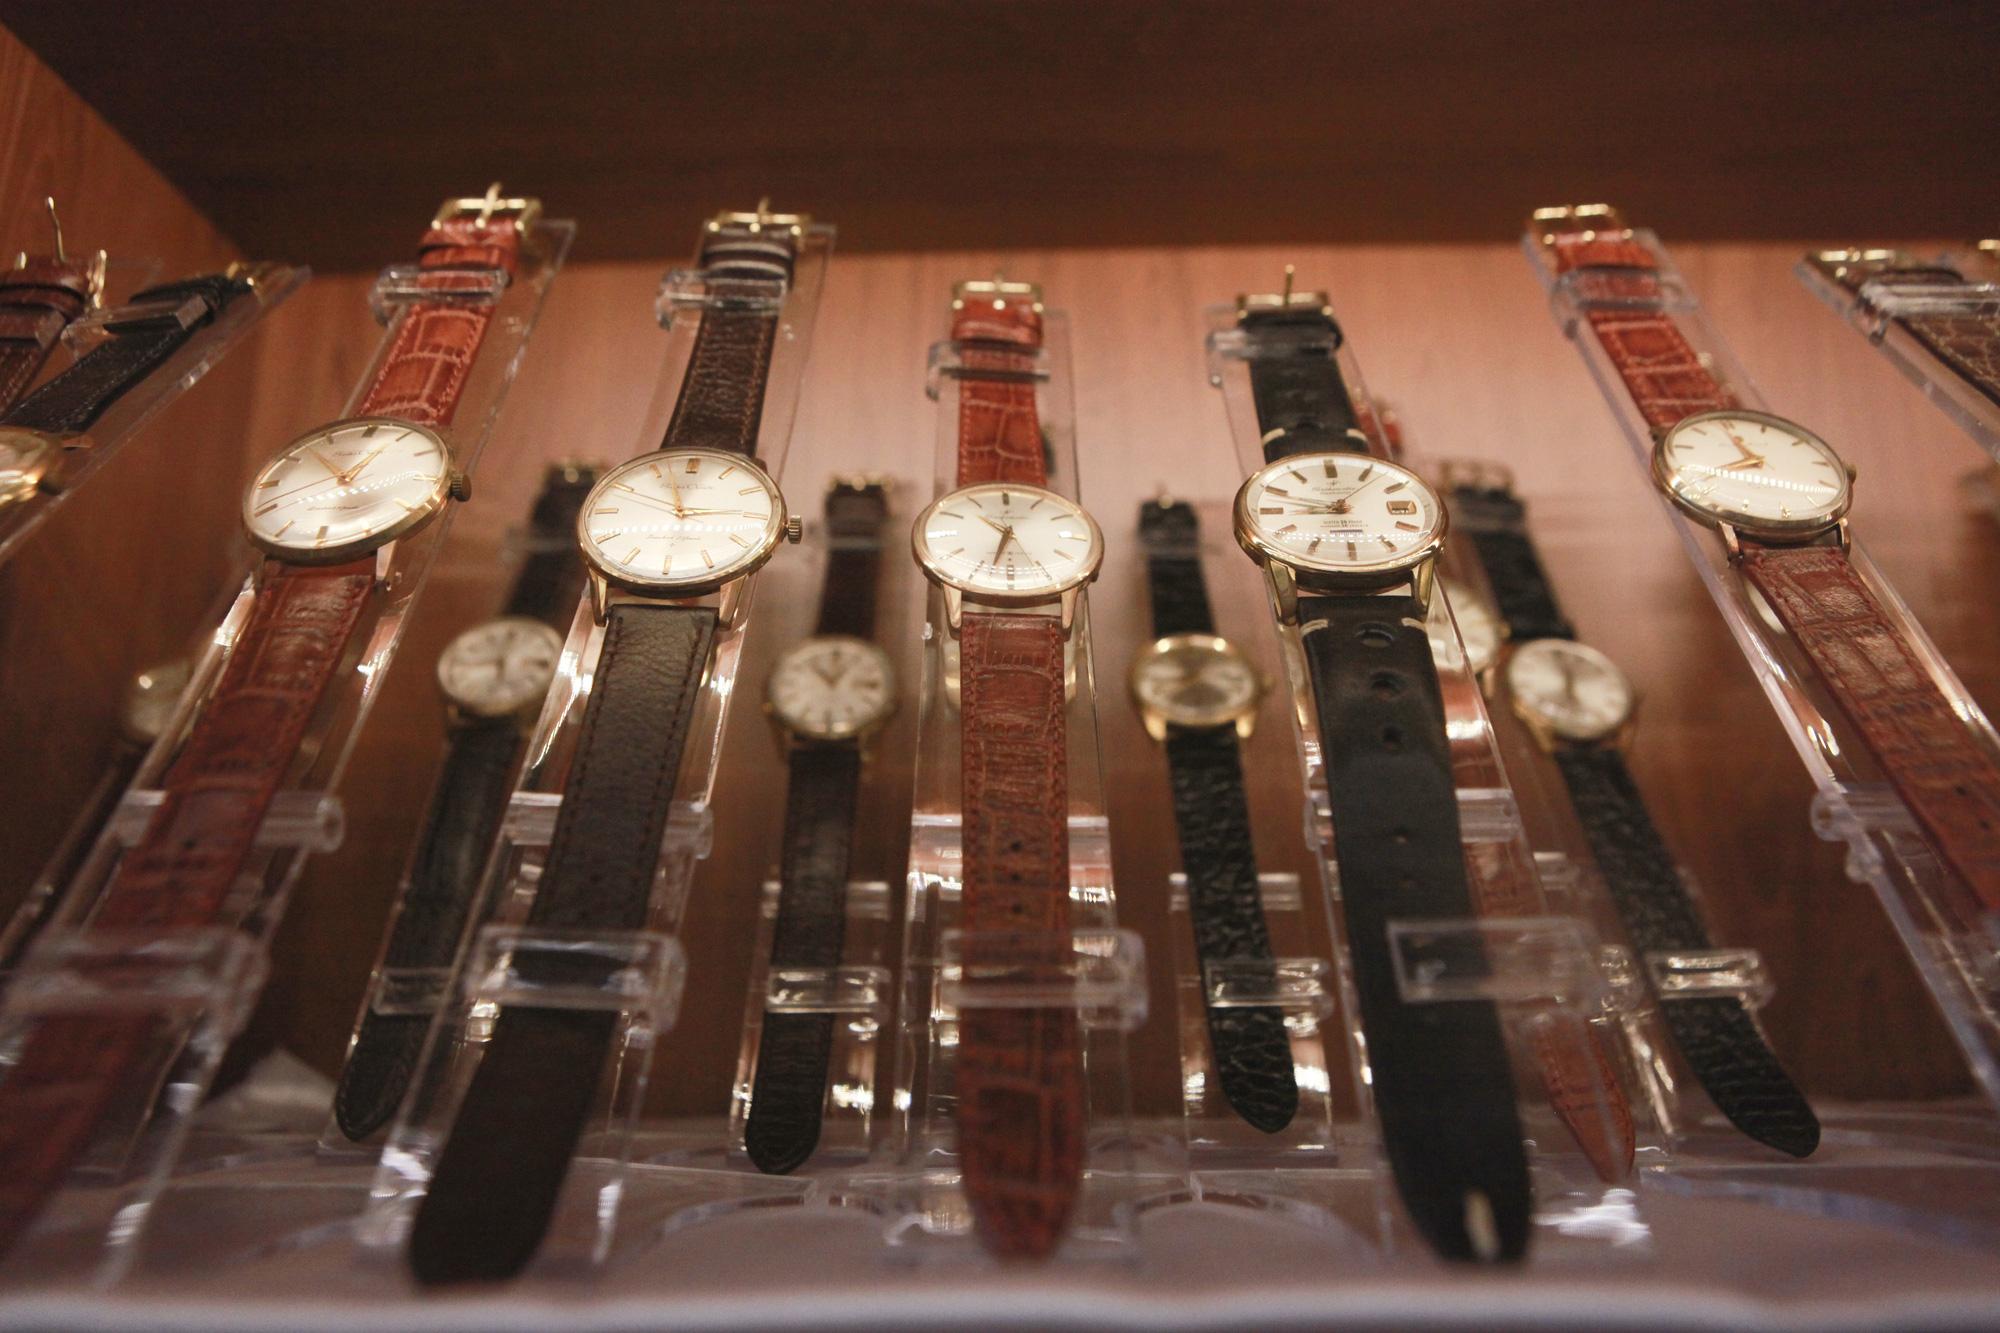 """Ông lão Hà thành và bộ sưu tập đồng hồ """"cực khủng"""", đặc biệt có chiếc có khả năng dự báo... """"bão"""" - Ảnh 10."""